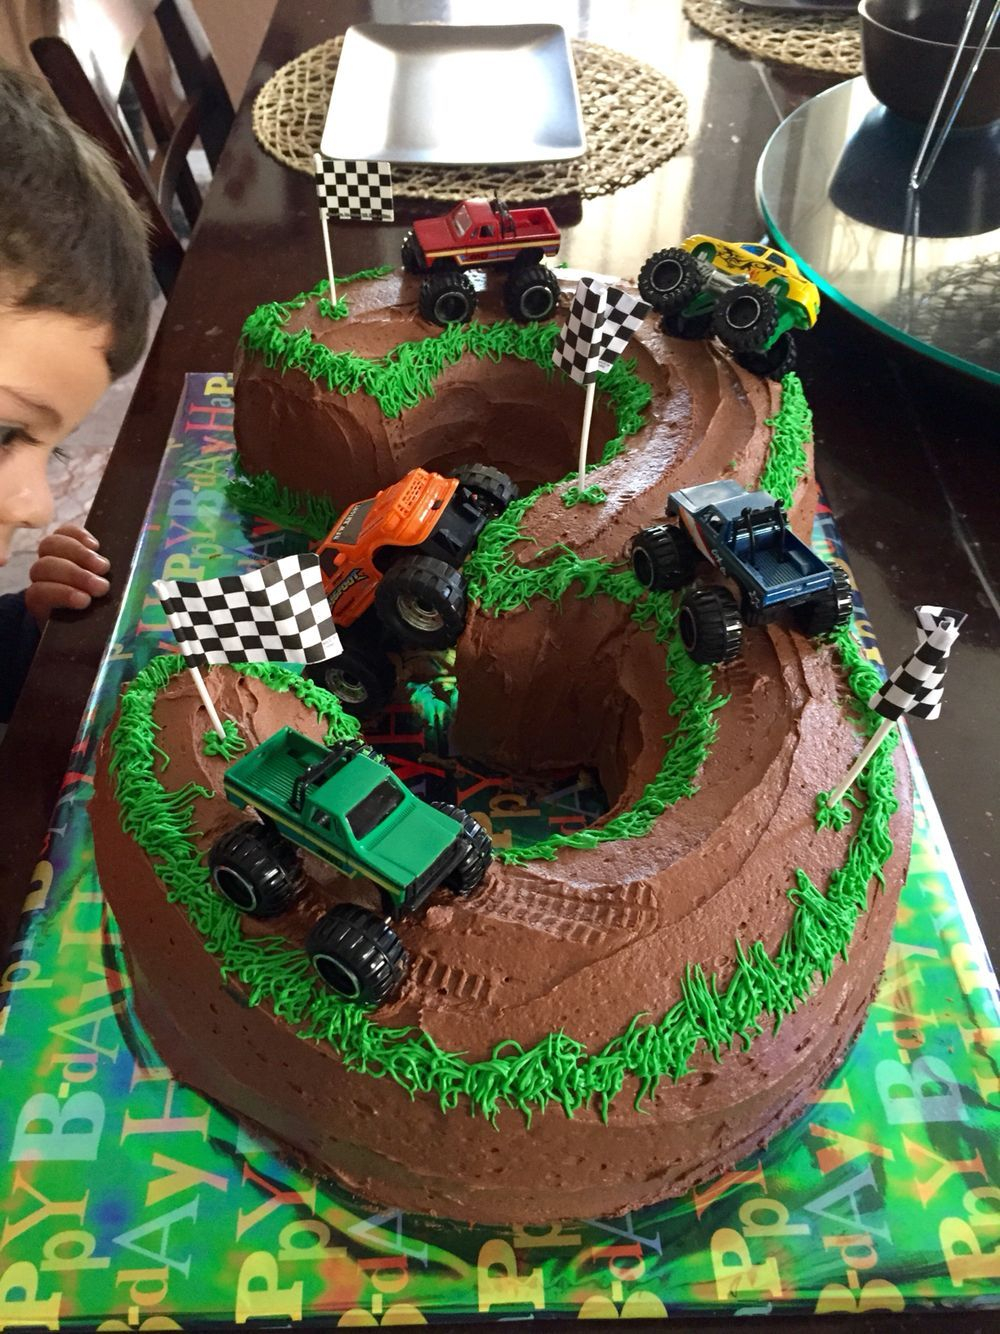 Monster Truck Birthday Cakes Cake 3 Years Old Monstertrucks Blaze Bday